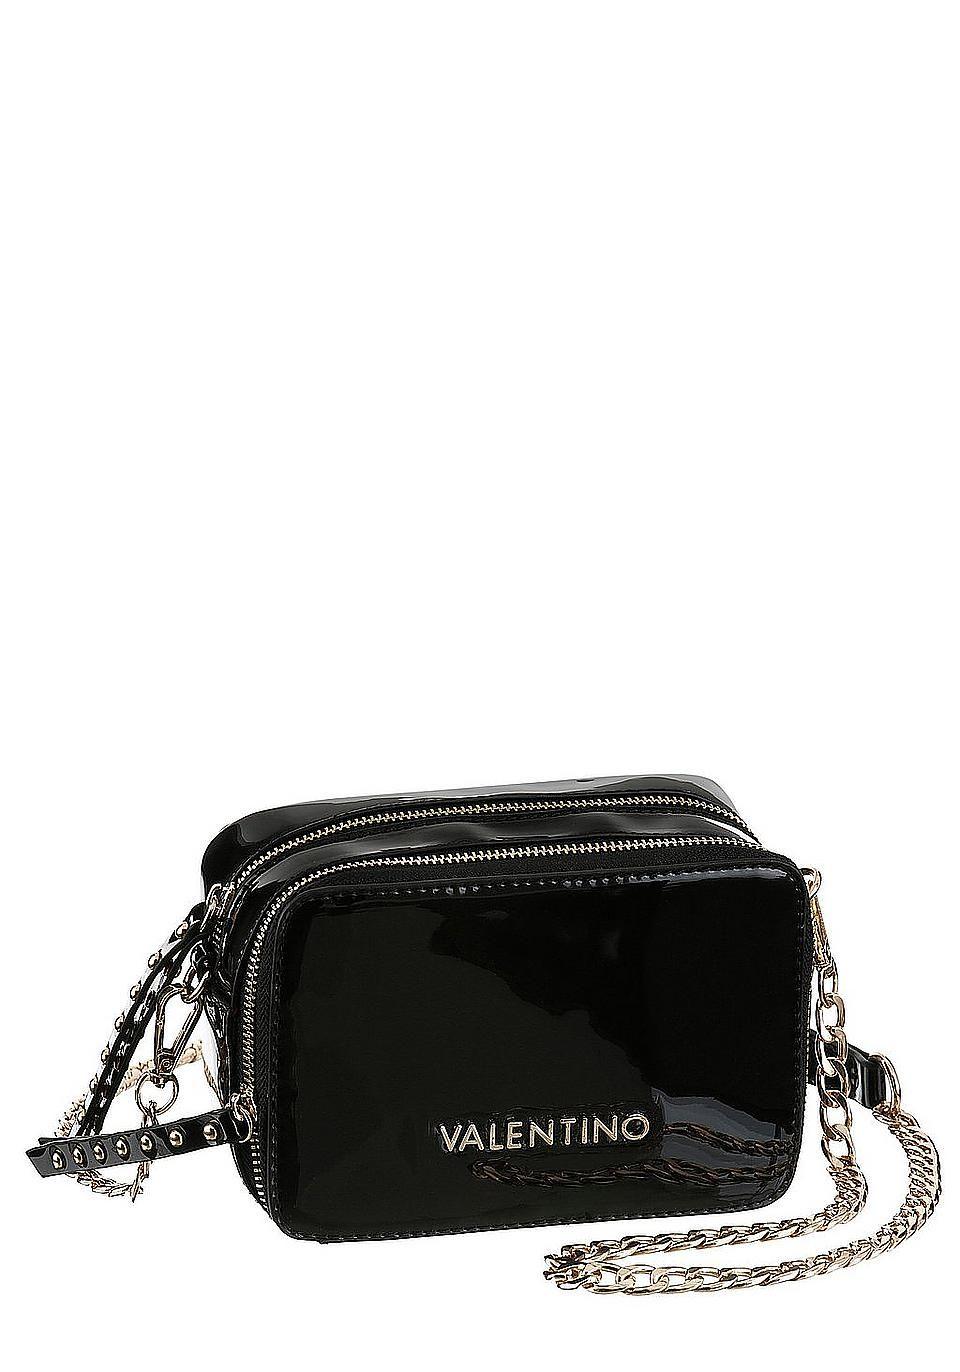 8e6503099cae0 Valentino handbags Umhängetasche »RIBAVE«  tasche  taschen  damentasche   damentaschen  bag